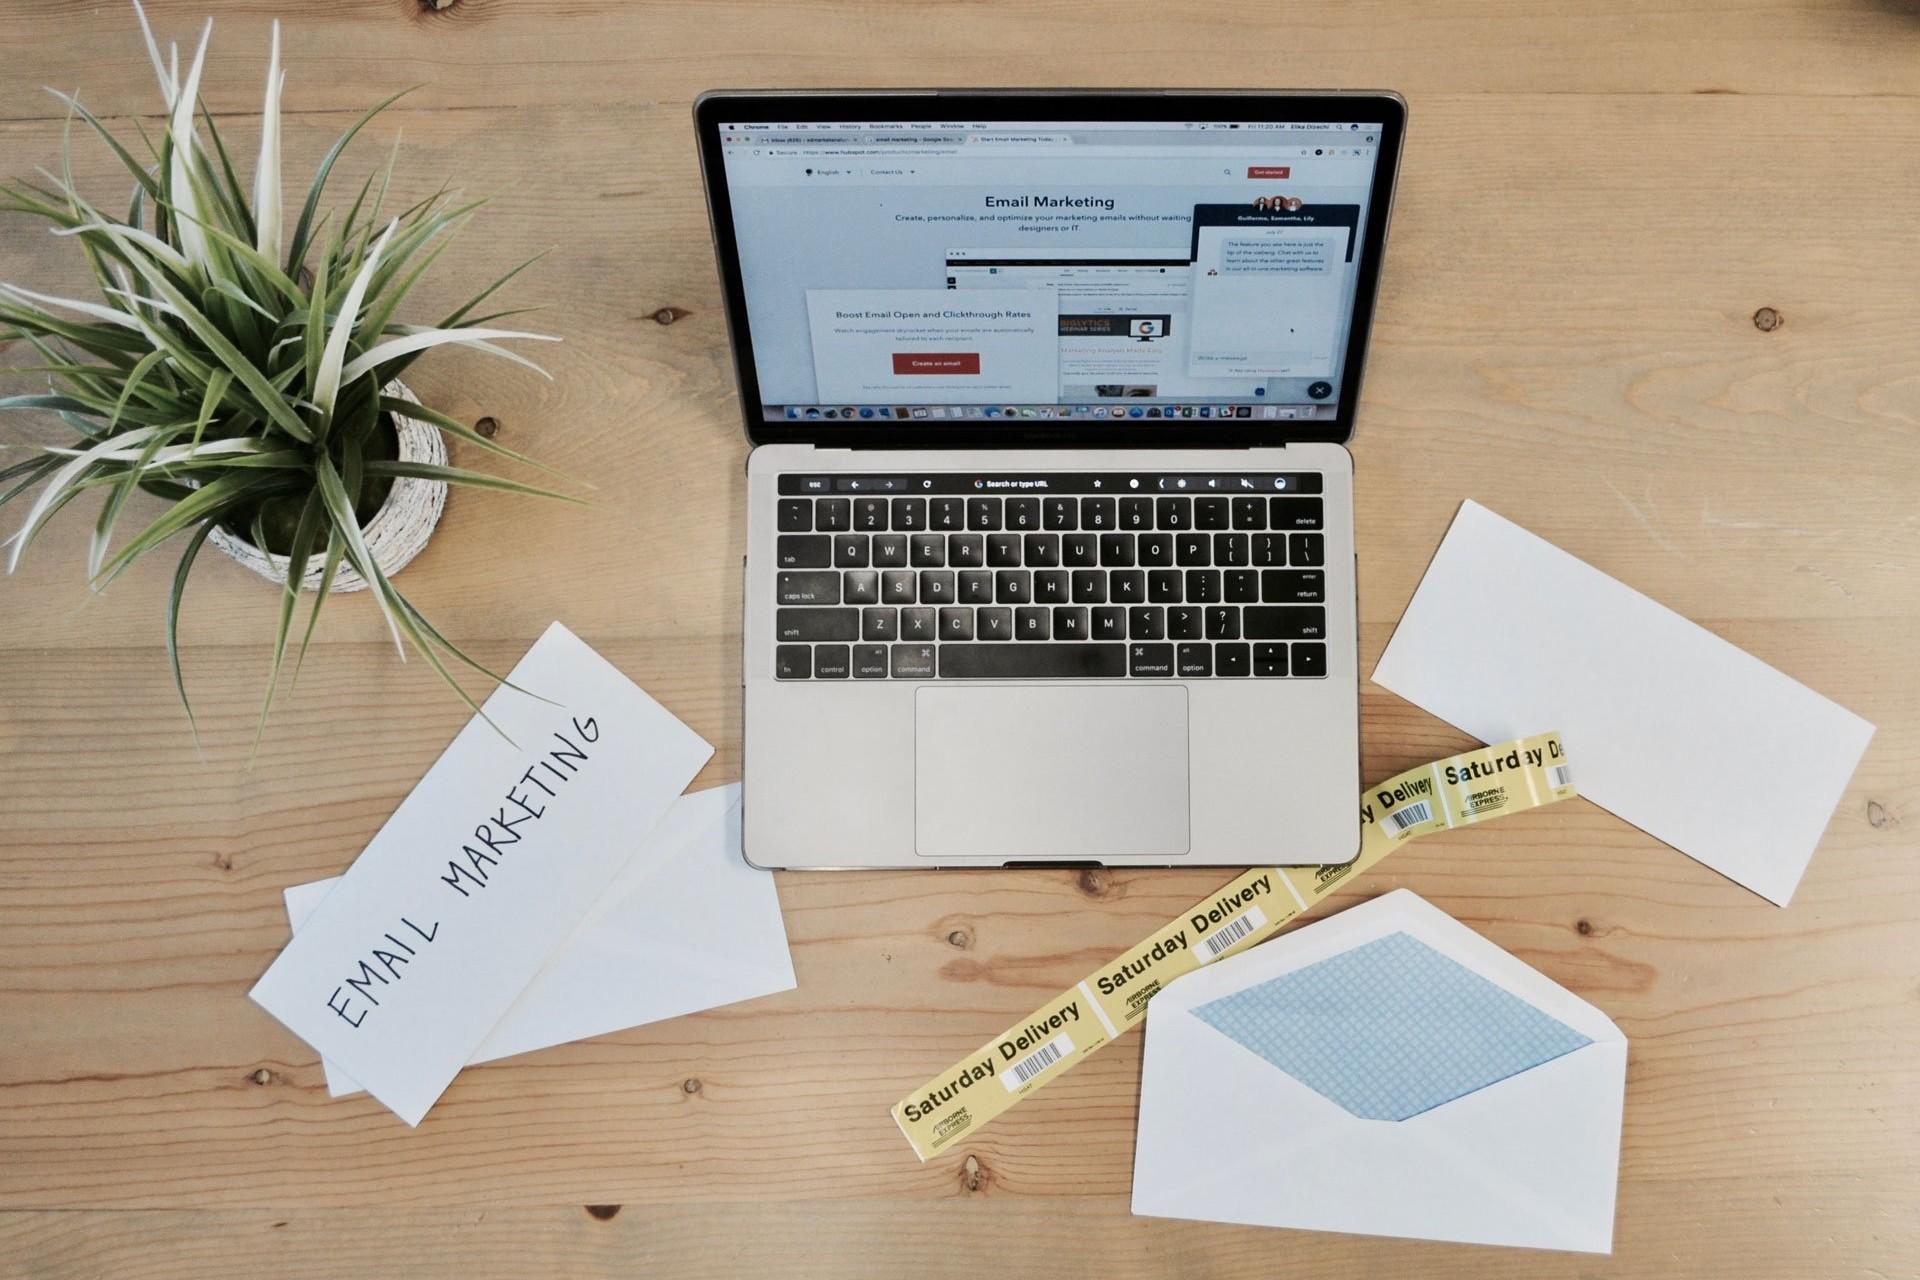 5 deutsche Newsletter-Tools: So gelingt E-Mail Marketing auf höchstem Niveau und DSGVO-konform 1